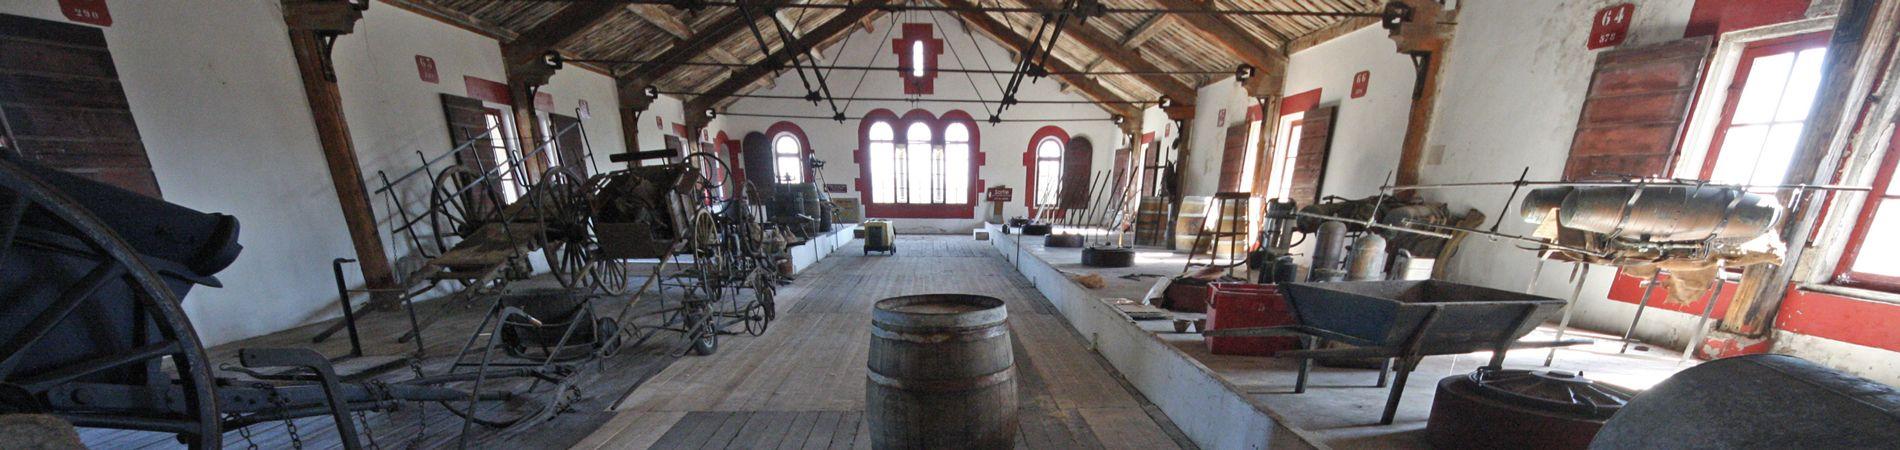 La salle de Chateau Ventenac